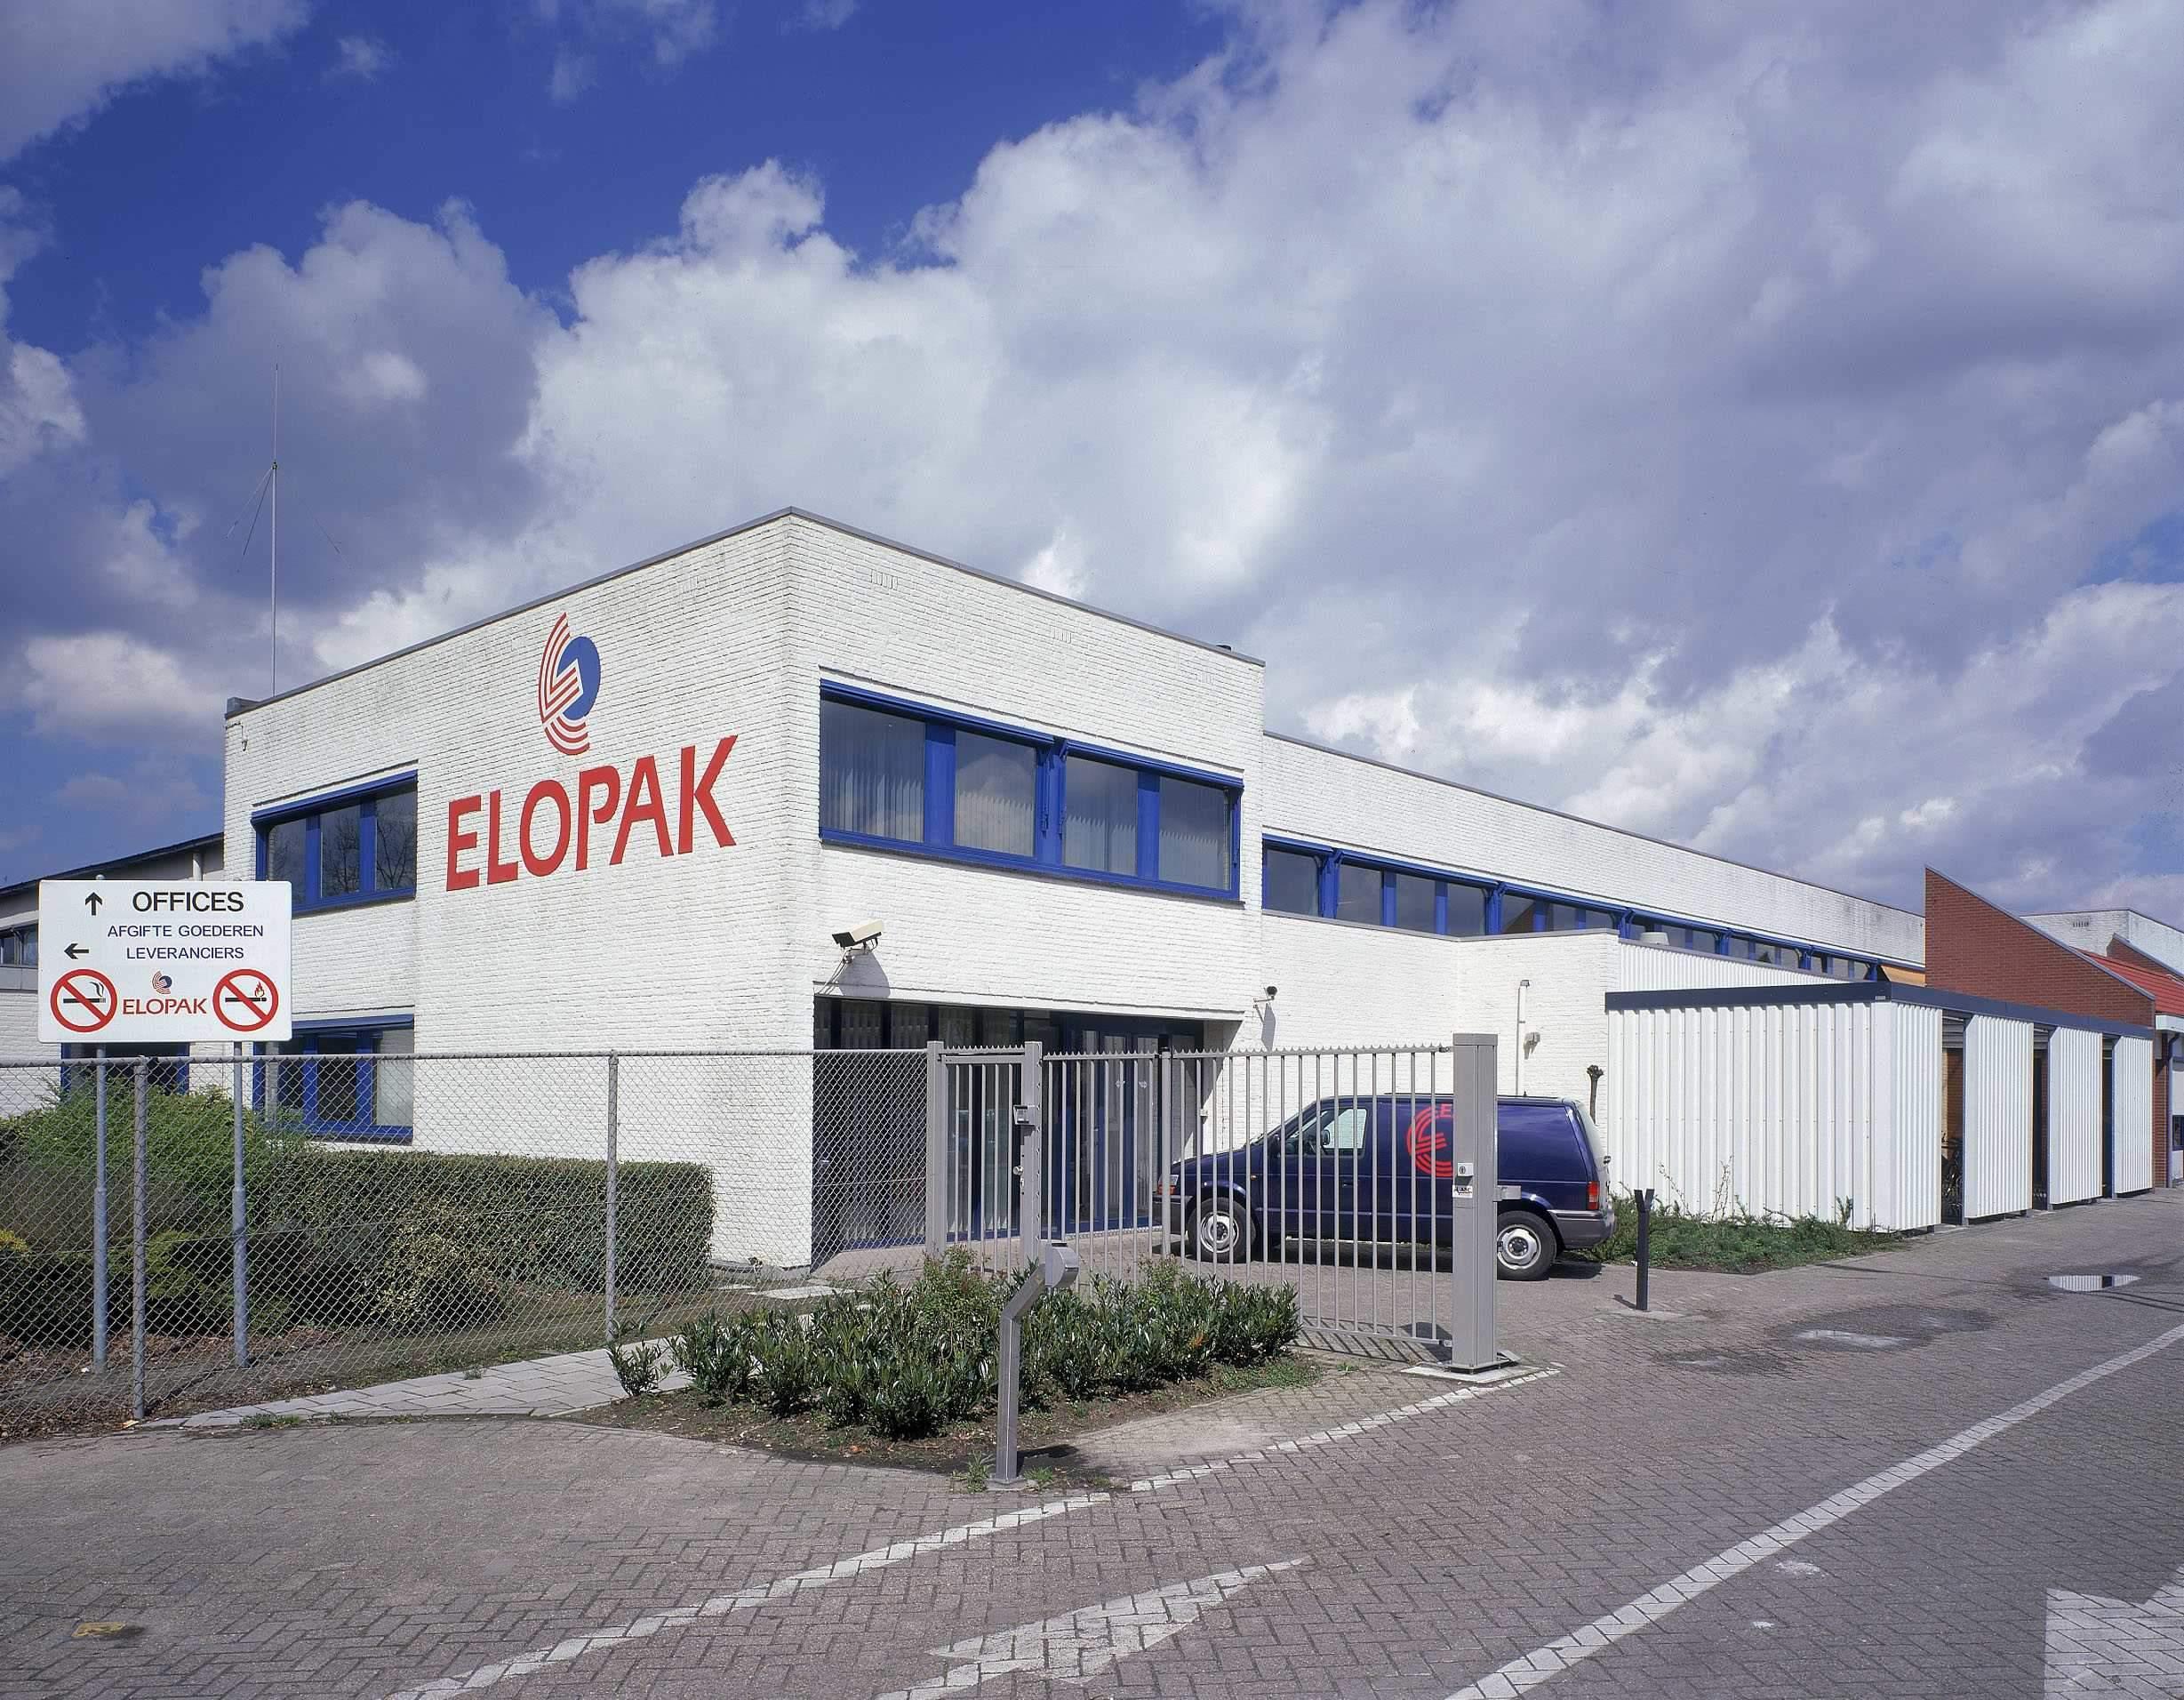 Elopack